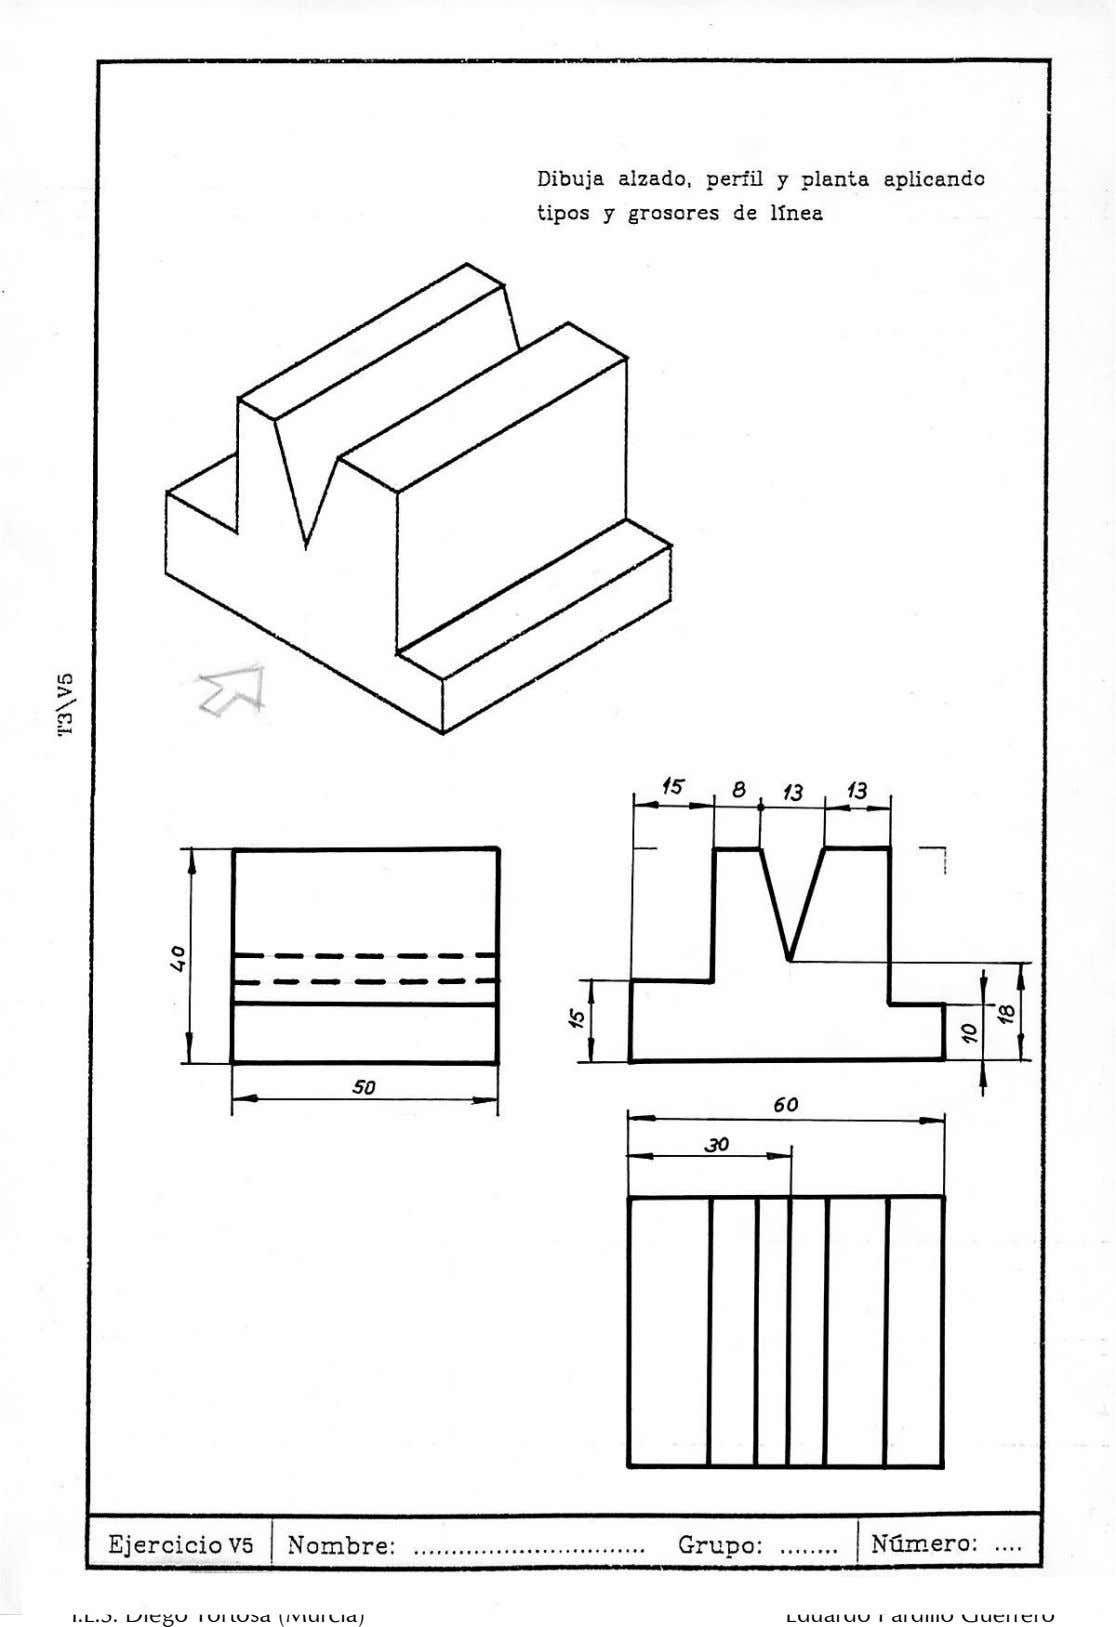 Ejercicios Dibujo Tecnico Y Soluciones 3º Eso Ejercicios De Dibujo Tecnicas De Dibujo Vistas Dibujo Tecnico